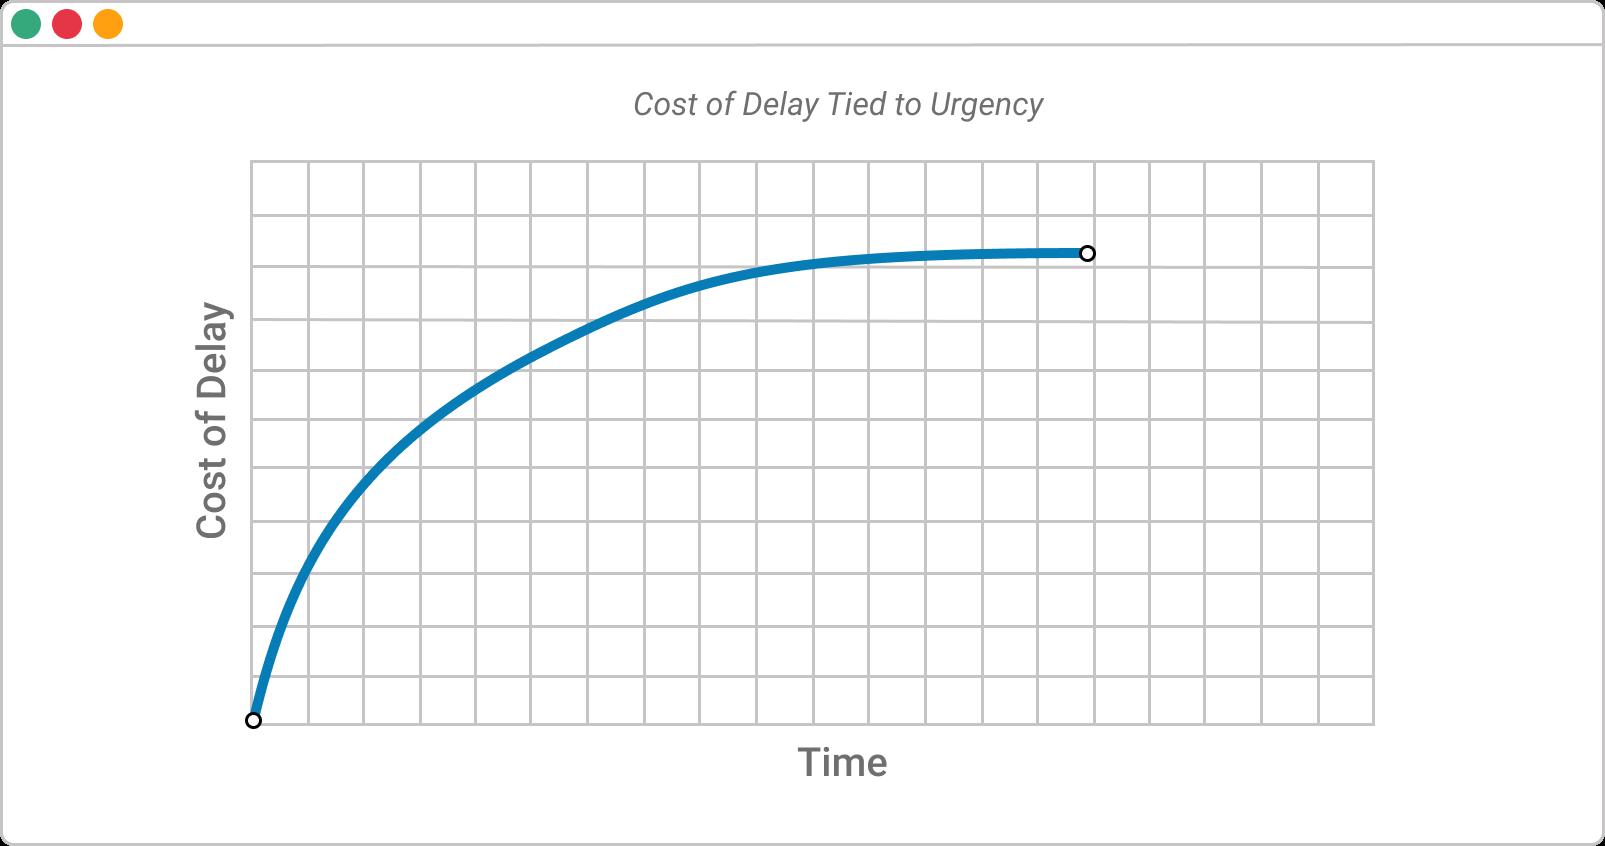 cost of delay - urgent